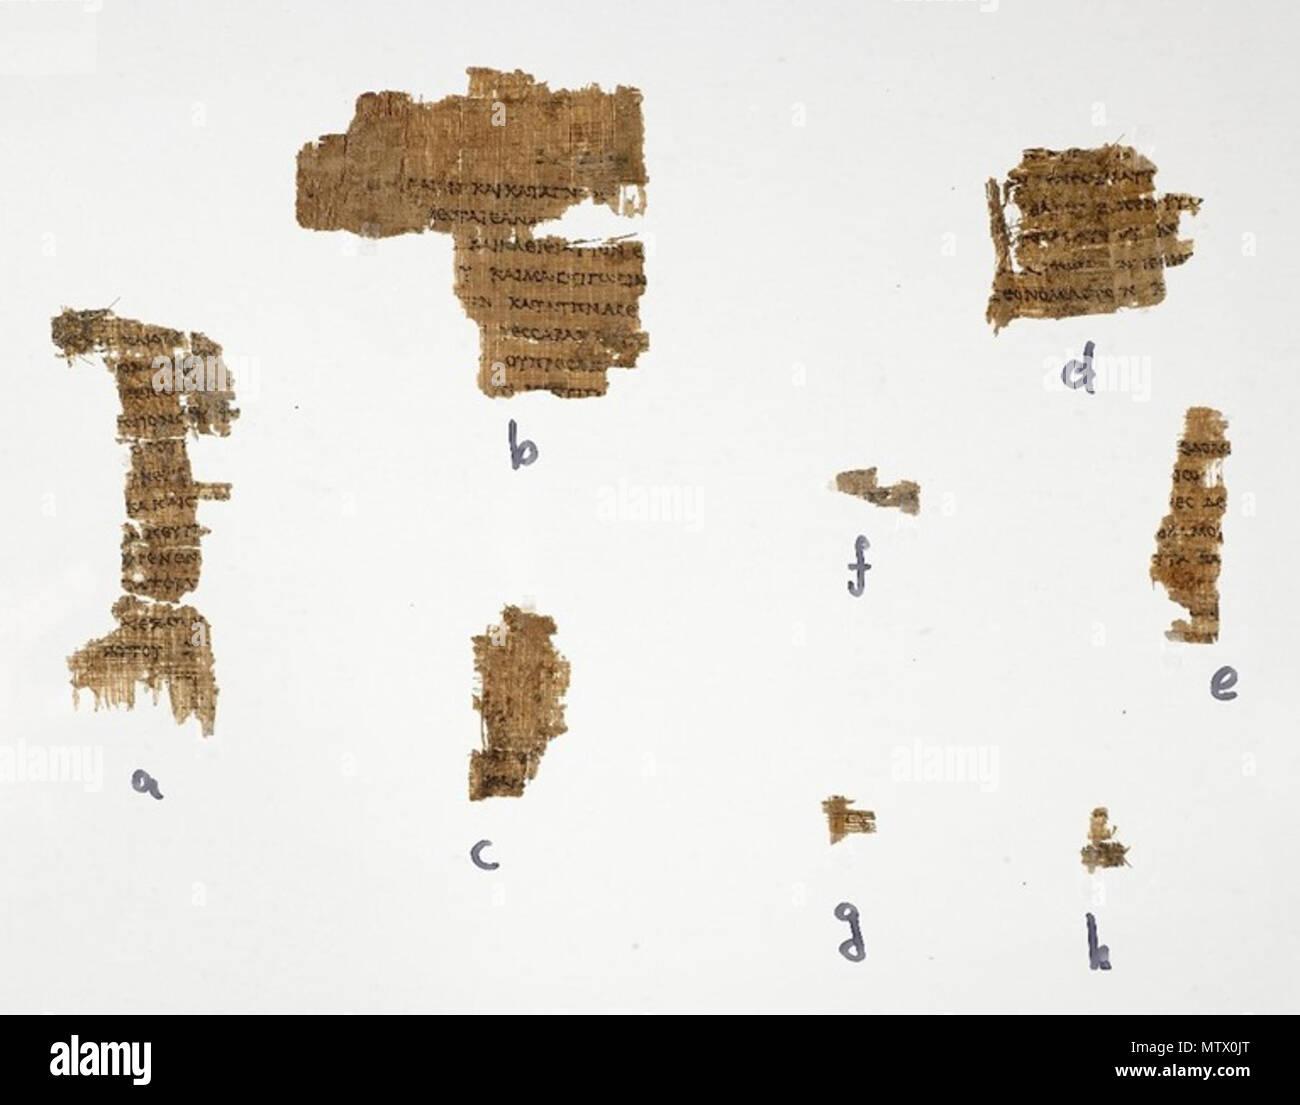 Septuagint Stock Photos & Septuagint Stock Images - Alamy